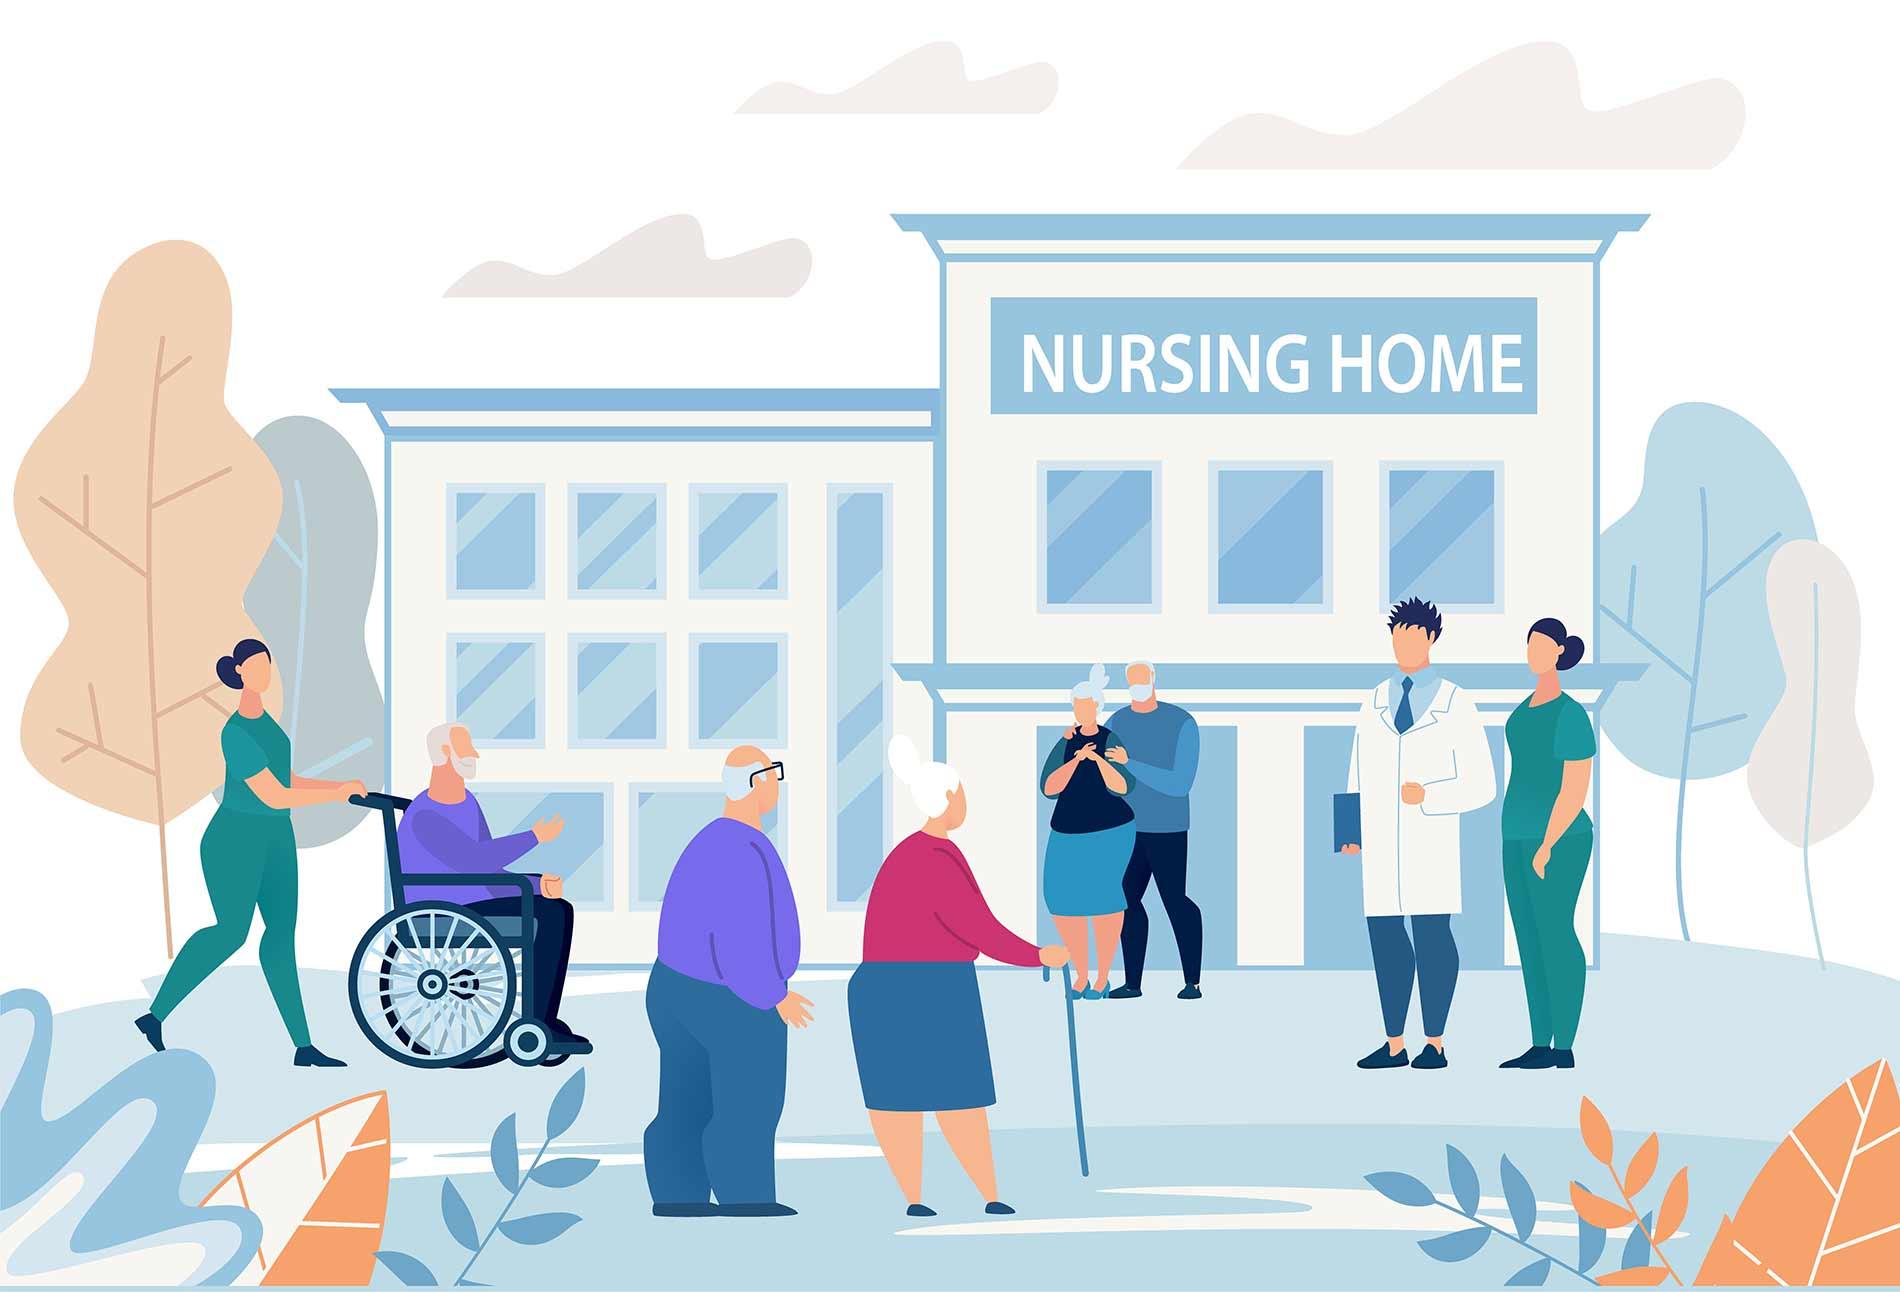 Nursing Home Building